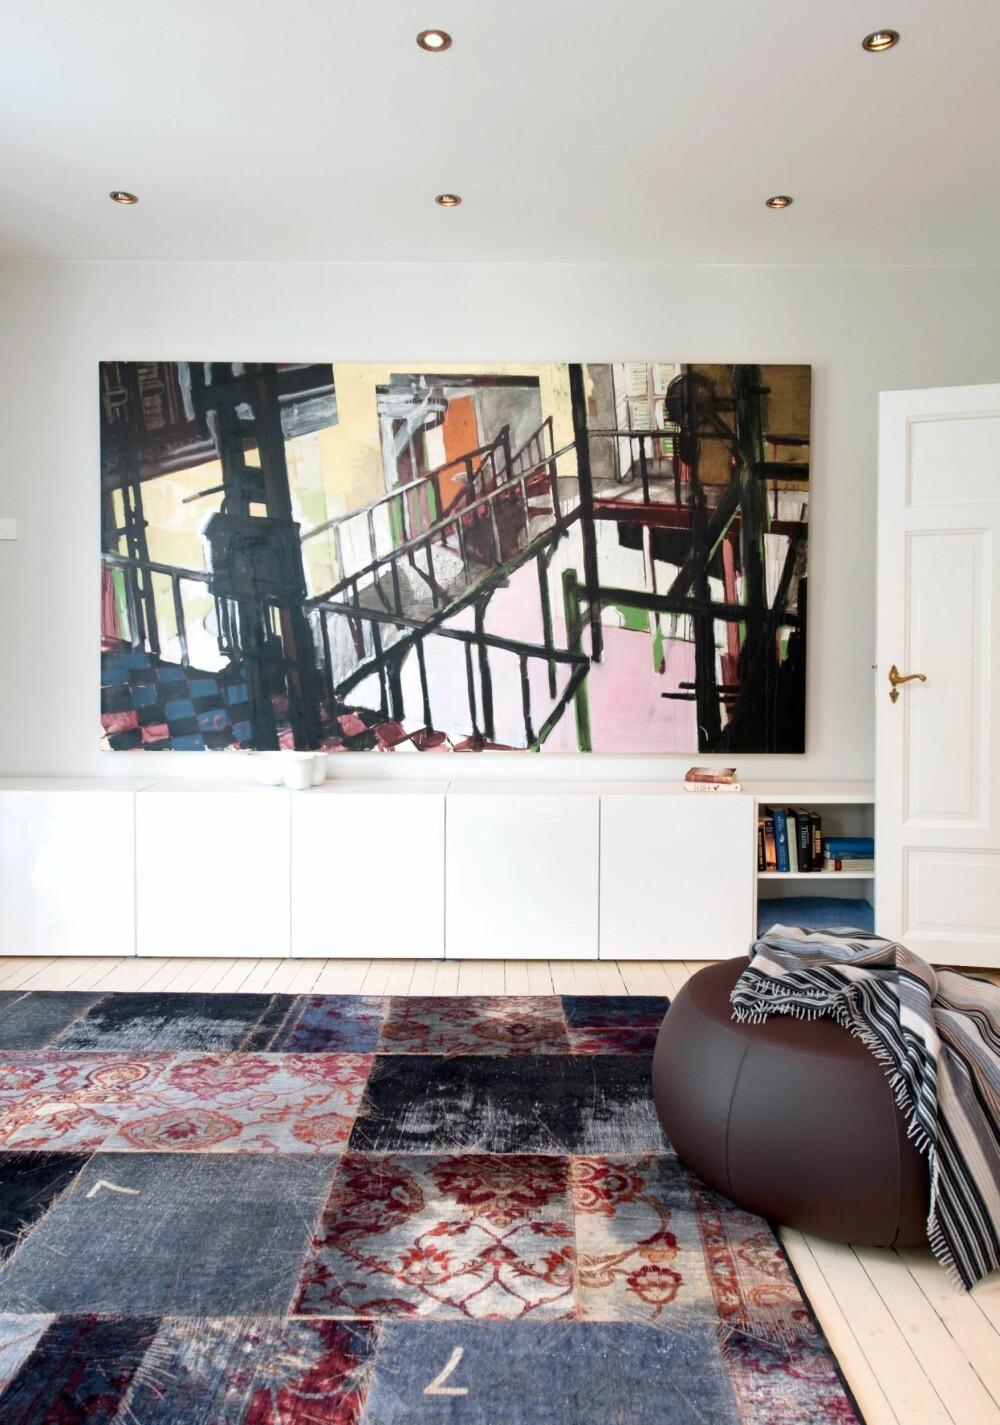 SAMSPILL MED BILDE PÅ VEGGEN: Hvordan sørge for at teppet spiller sammen med andre elementer i rommet, som for eksempel et bilde? Det tryggeste er å velge et ensfarget, nøytralt teppe som lar bildet være dominerende. Mer risikabelt, som her, er det å satse på et visuelt bråkete teppe (Mashup fra Kymo) i møte med Benjamin Bergmans maleri. Fargepaletten er felles, men i mønster og uttrykk har de sin egen karakter. Dersom øyet hopper for mye frem og tilbake, er samspillet kanskje ikke så harmonisk som man skulle ønske. Vær din egen dommer.